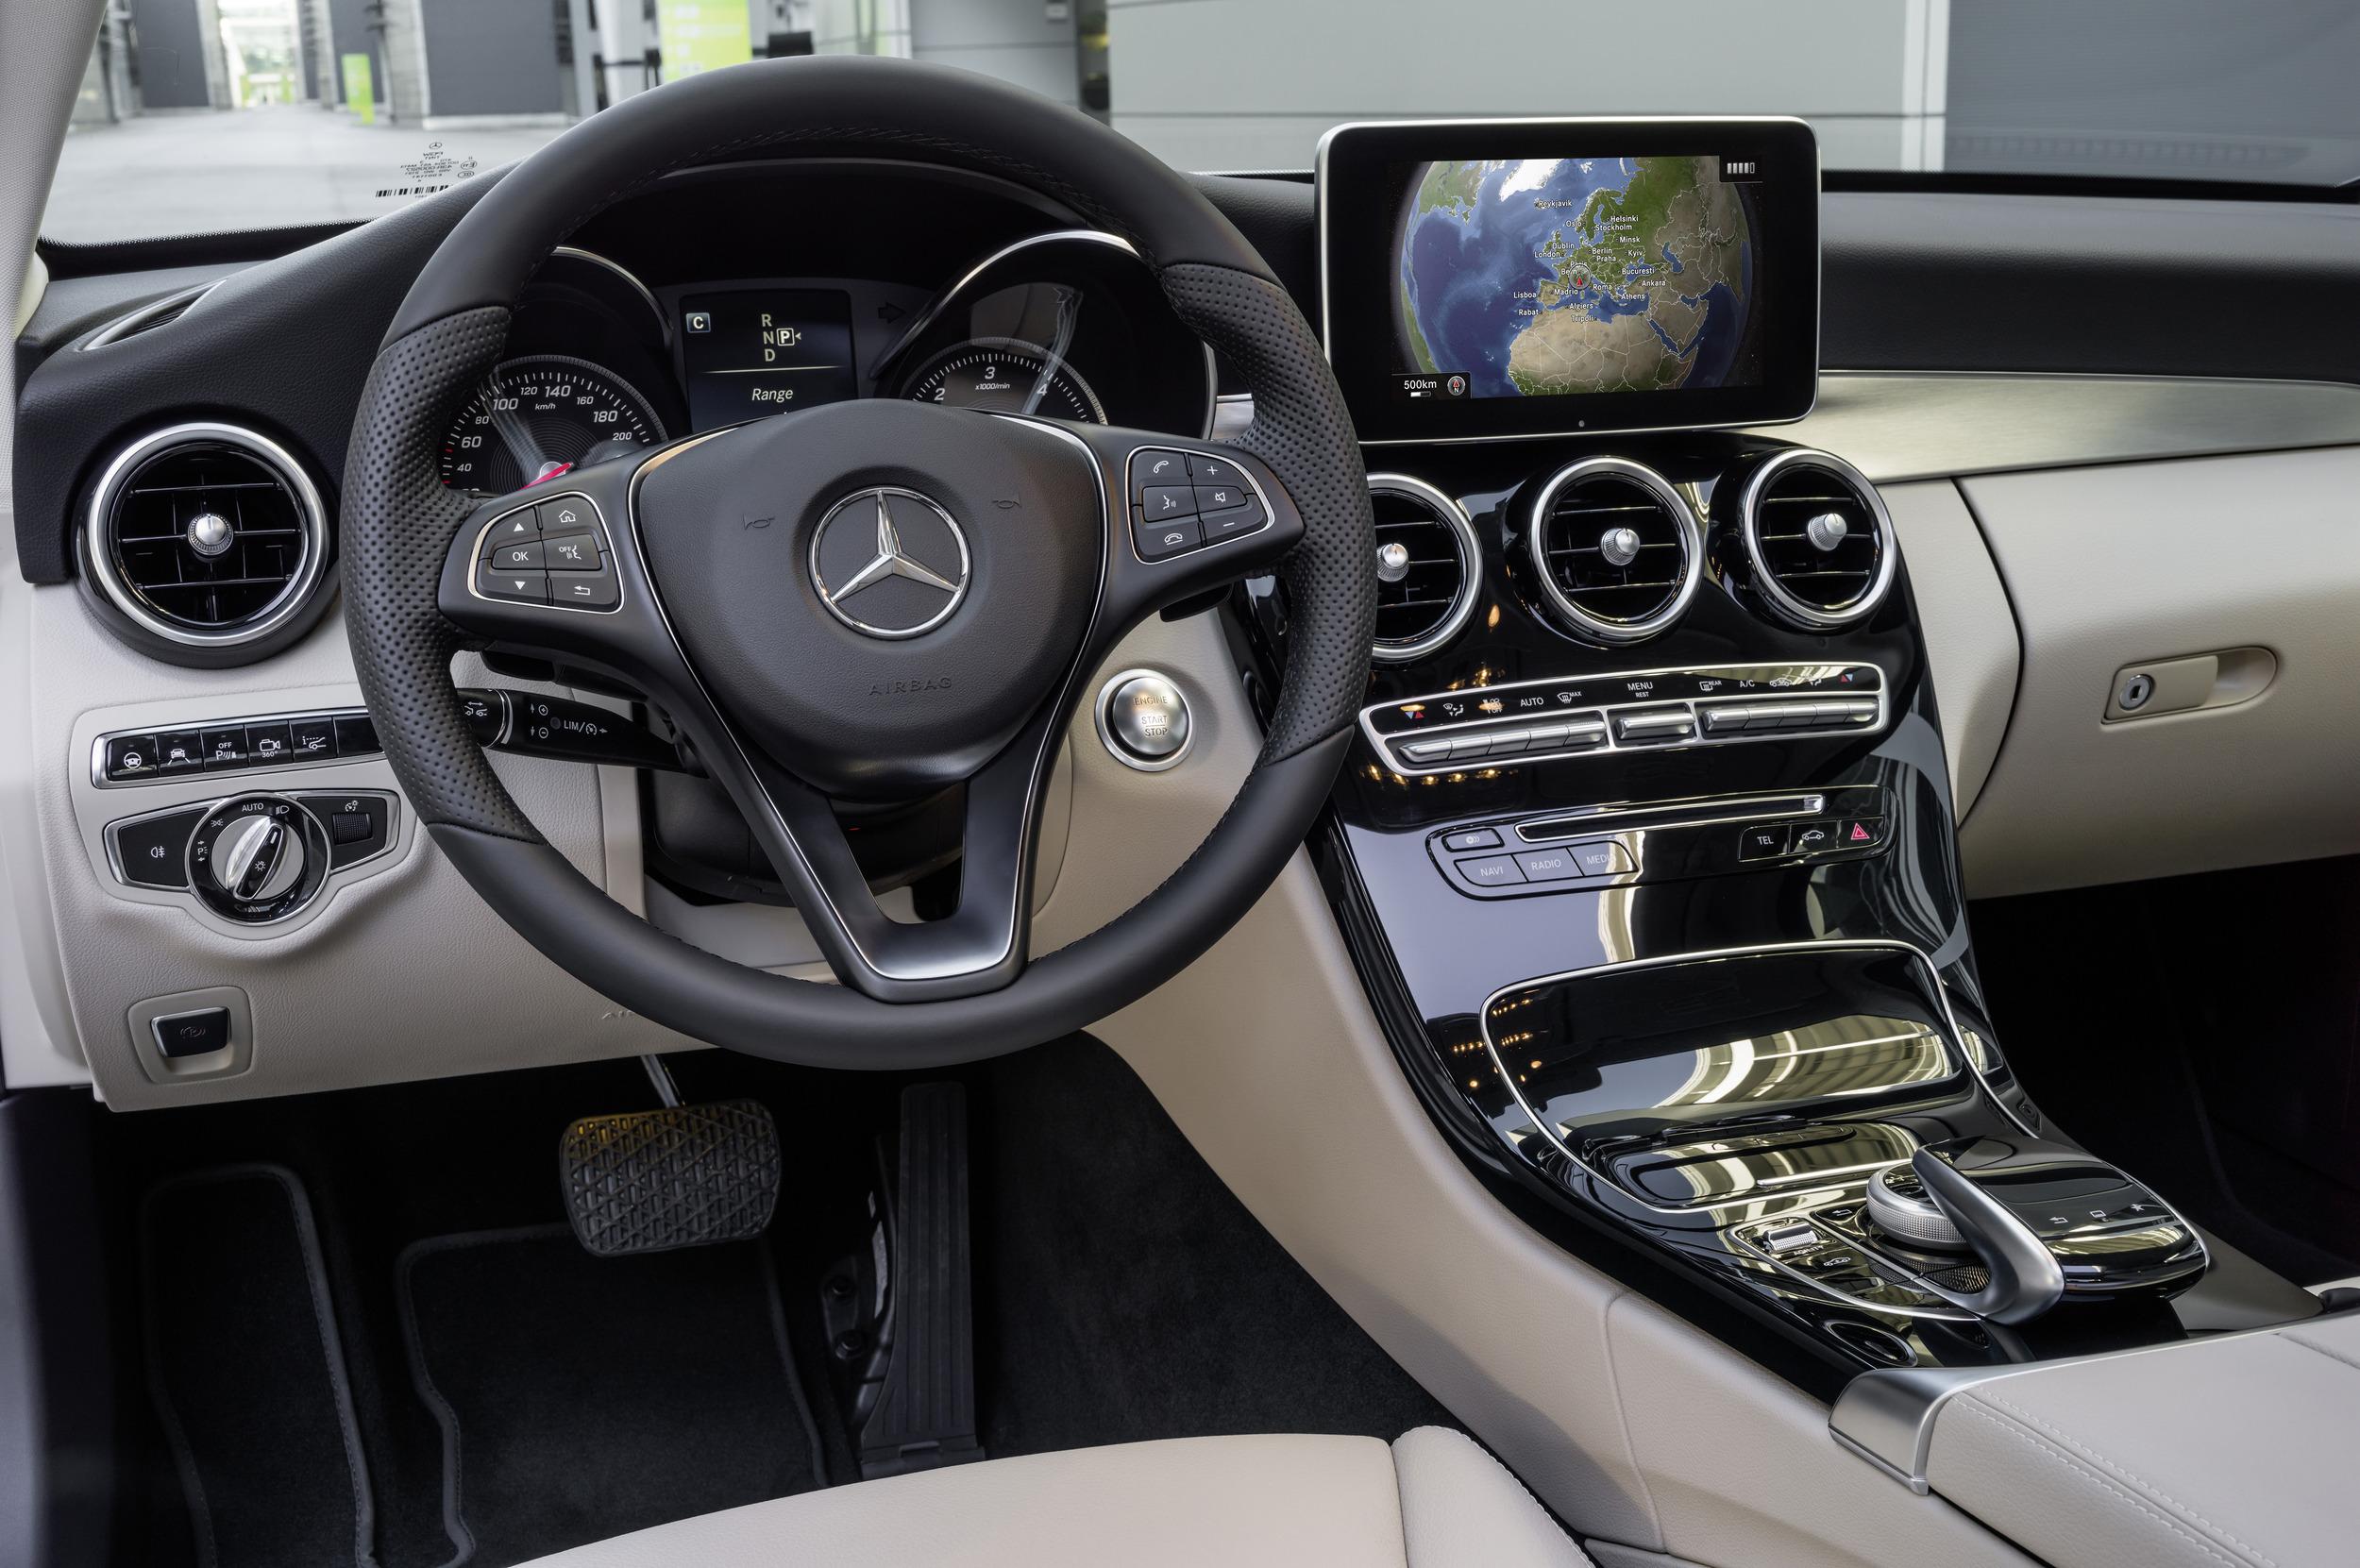 Nuevo mercedes clase c 2014 m s grande y tecnol gico que for Interior mercedes clase c